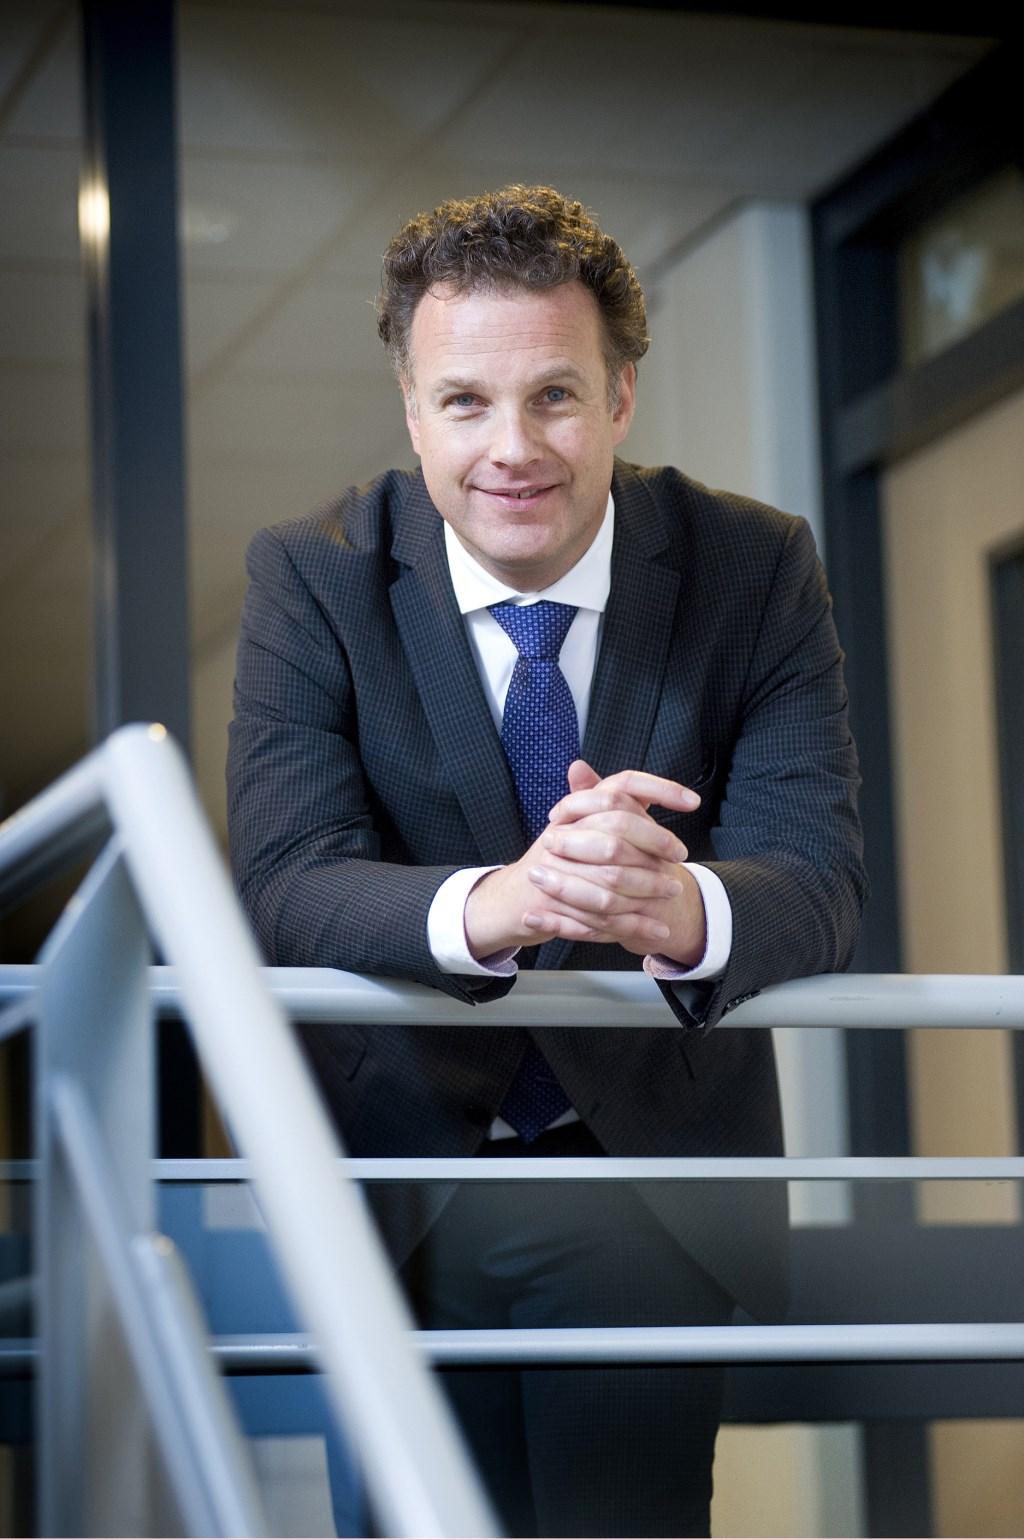 De gemeente Gilze en Rijen heeft René Wiersema benoemd als nieuwe gemeentesecretaris. René Wiersema wordt ook de nieuwe algemeen directeur van de ABG-organisatie (foto: Erno Wientjens, Rotterdam)